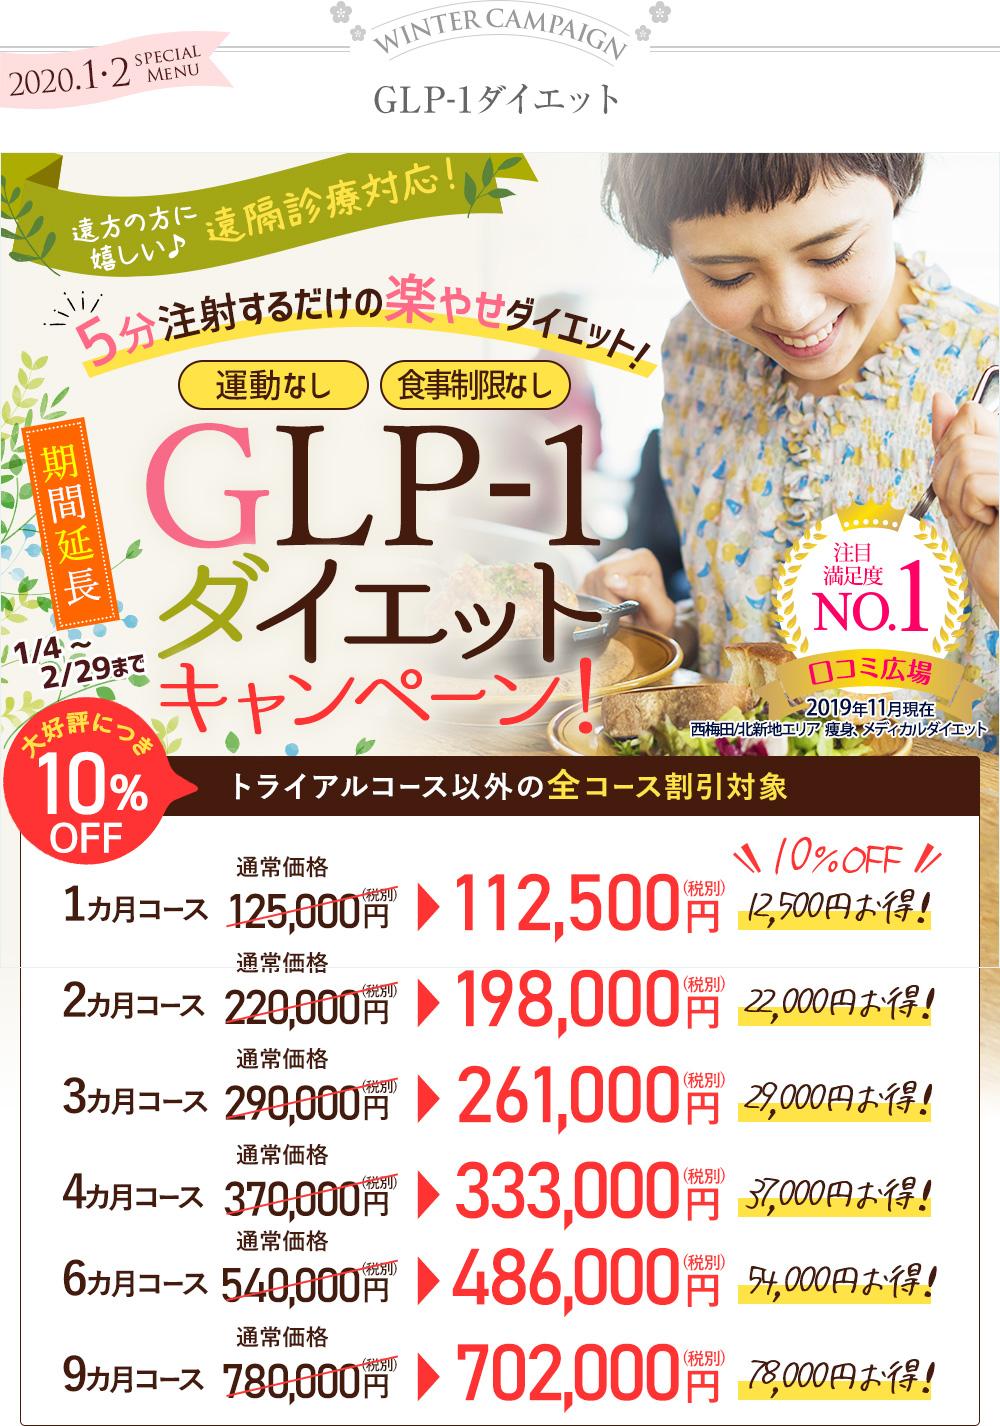 大阪梅田のプライベートスキンクリニック GLP-1ダイエットキャンペーン